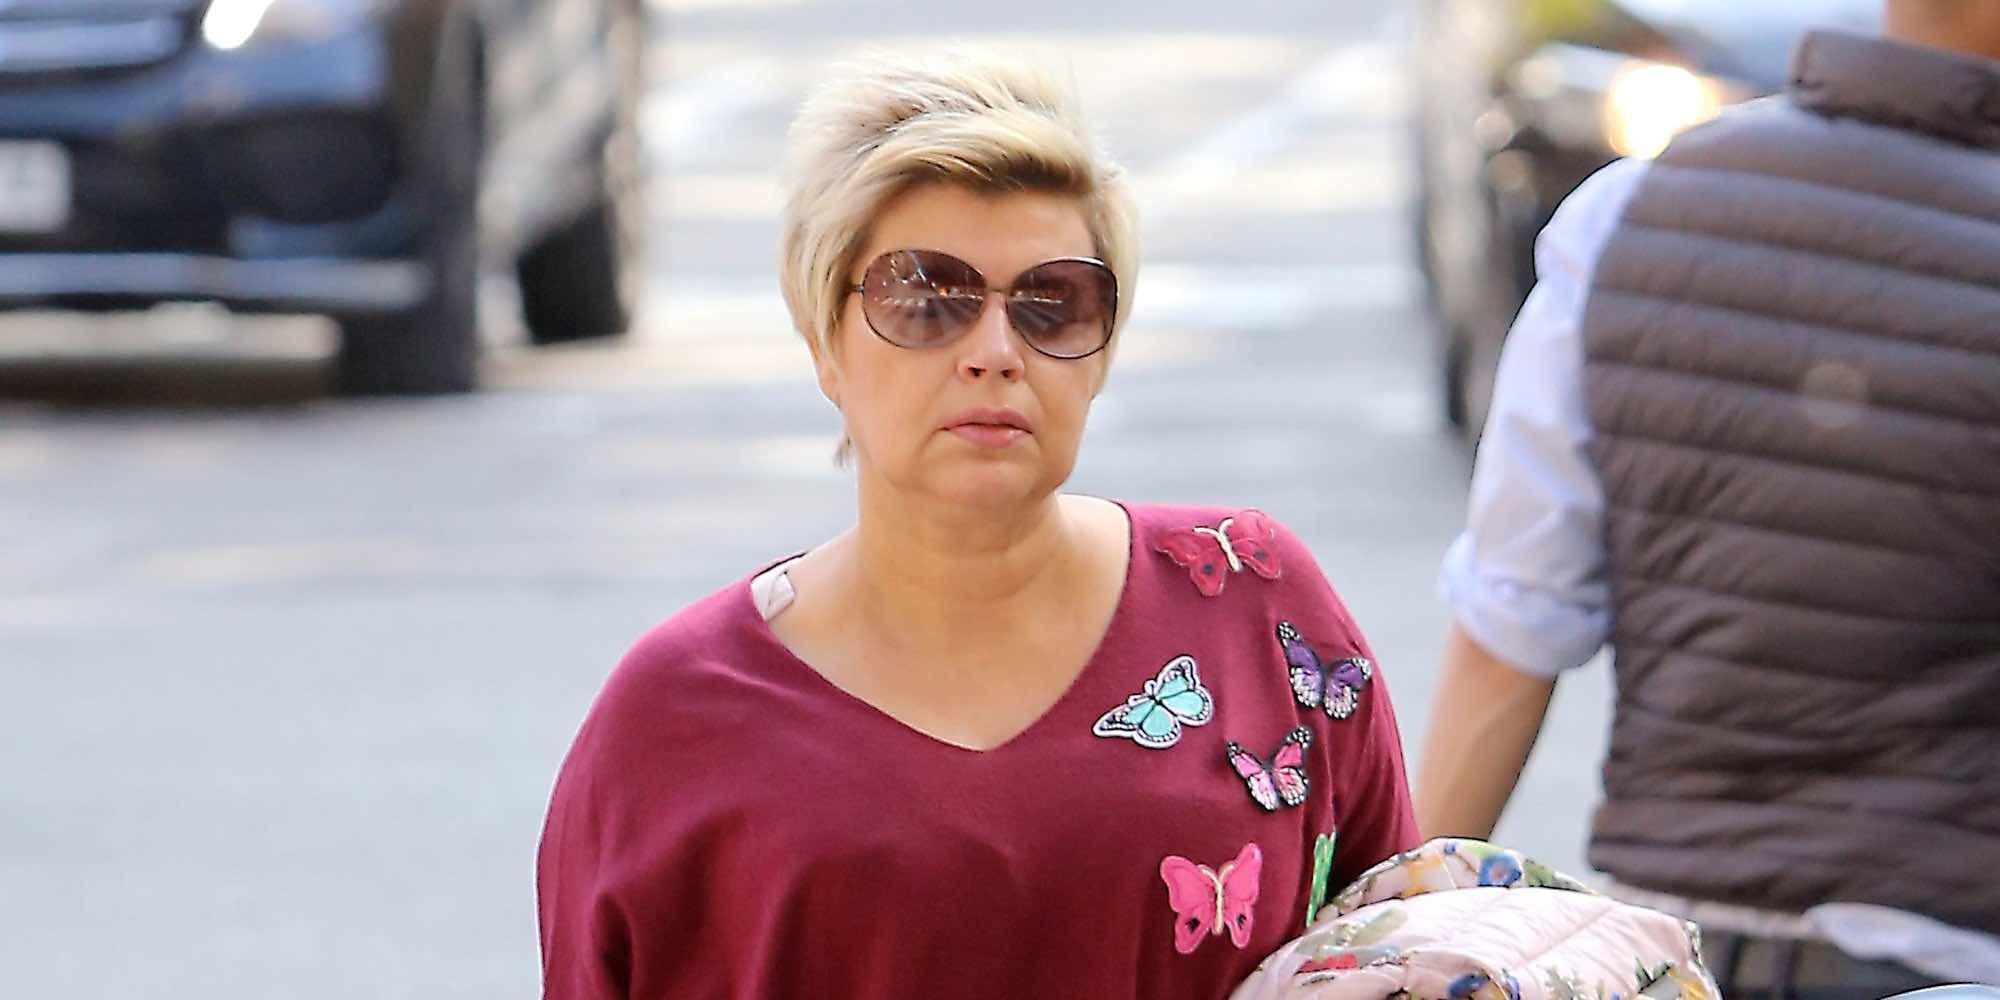 Terelu Campos desmiente que tenga que volver a operarse tras someterse a una doble mastectomía